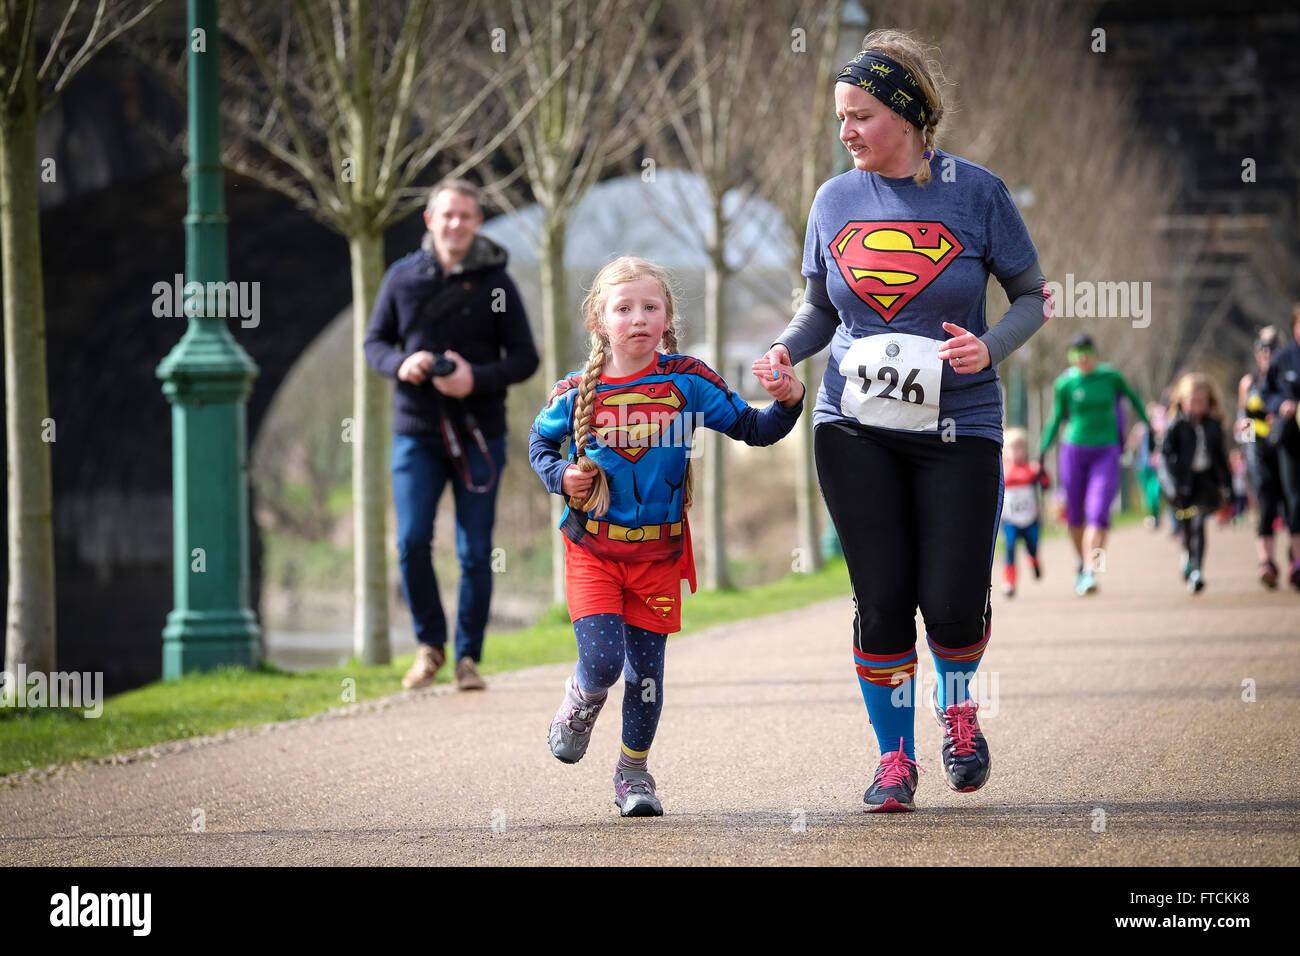 Mutter und Tochter, die Teilnahme an Superhelden-Charity-Rennen Stockfoto